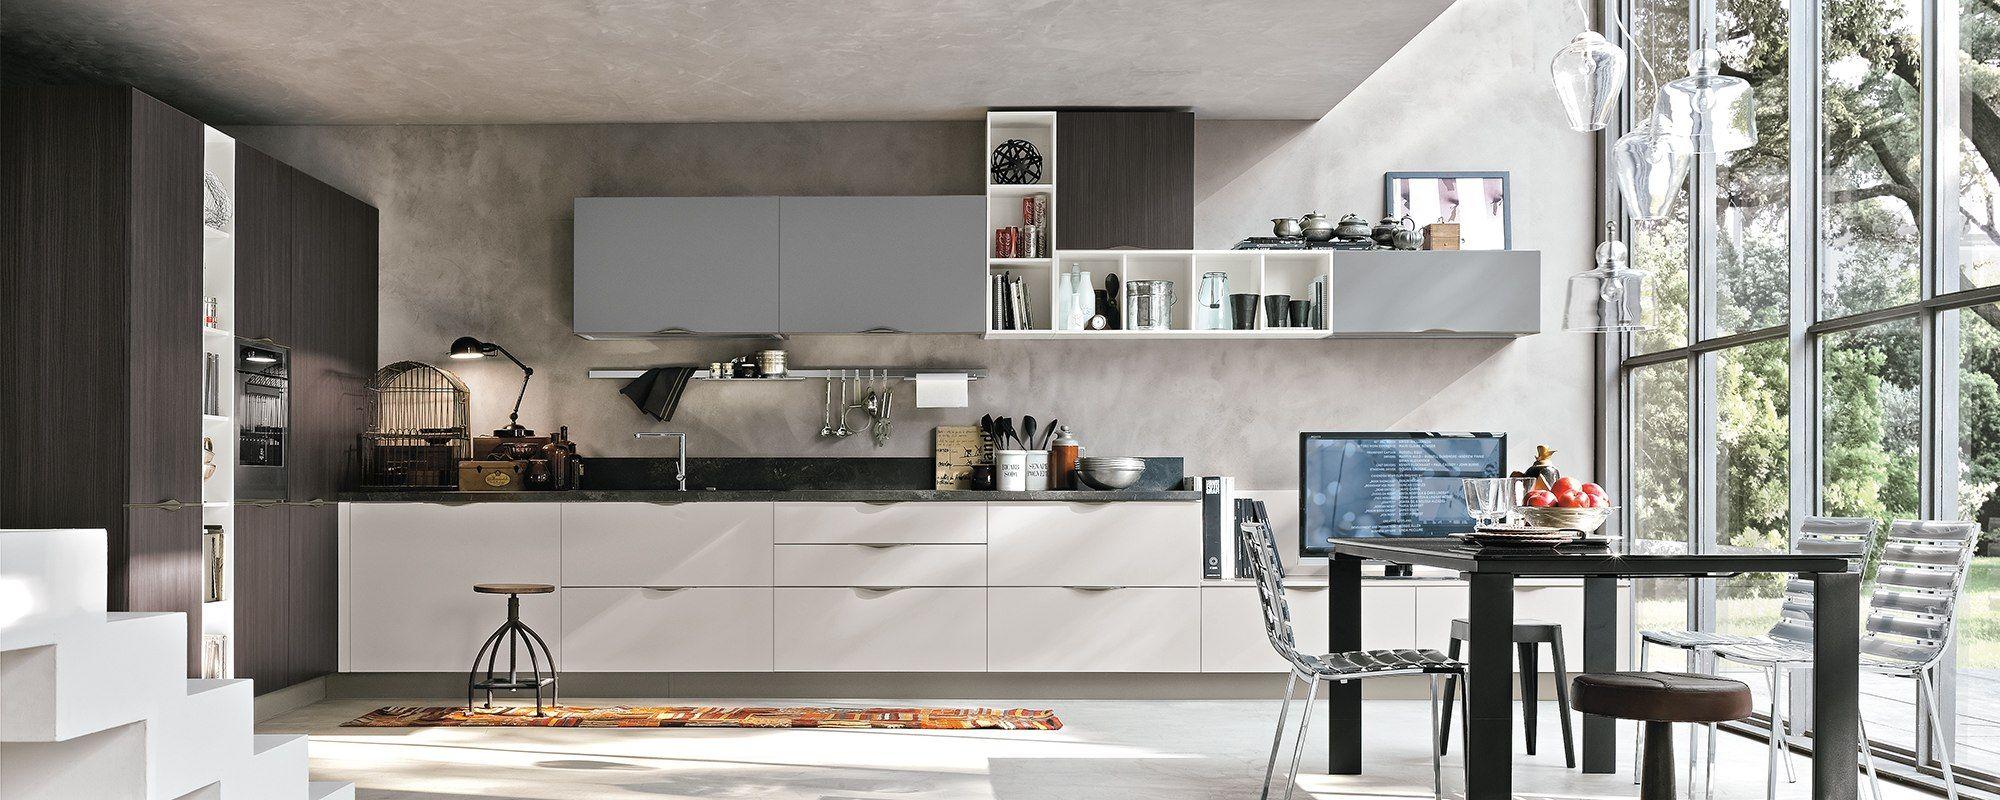 Arredamentifelicepalma Felicepalma Arredamenti Cucina Rewind Replay Moderne Penisola Legno Bia Progetti Di Cucine Cucina Moderna Interni Della Cucina